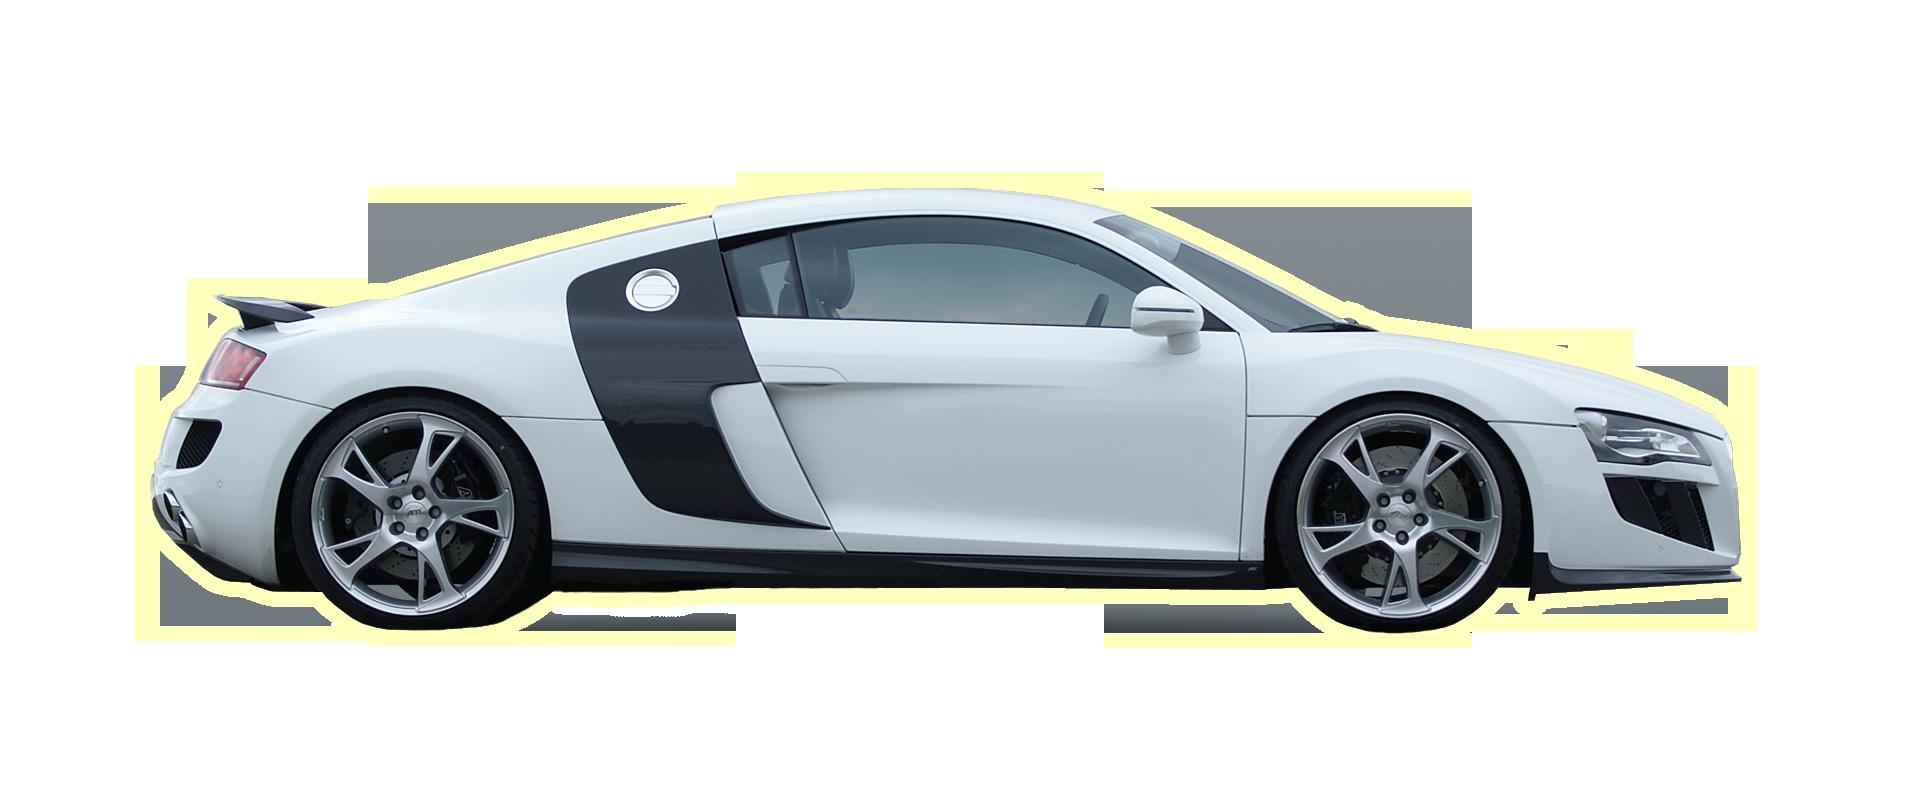 Audi car clipart picture transparent Abt Audi R B | Free Images at Clker.com - vector clip art online ... picture transparent